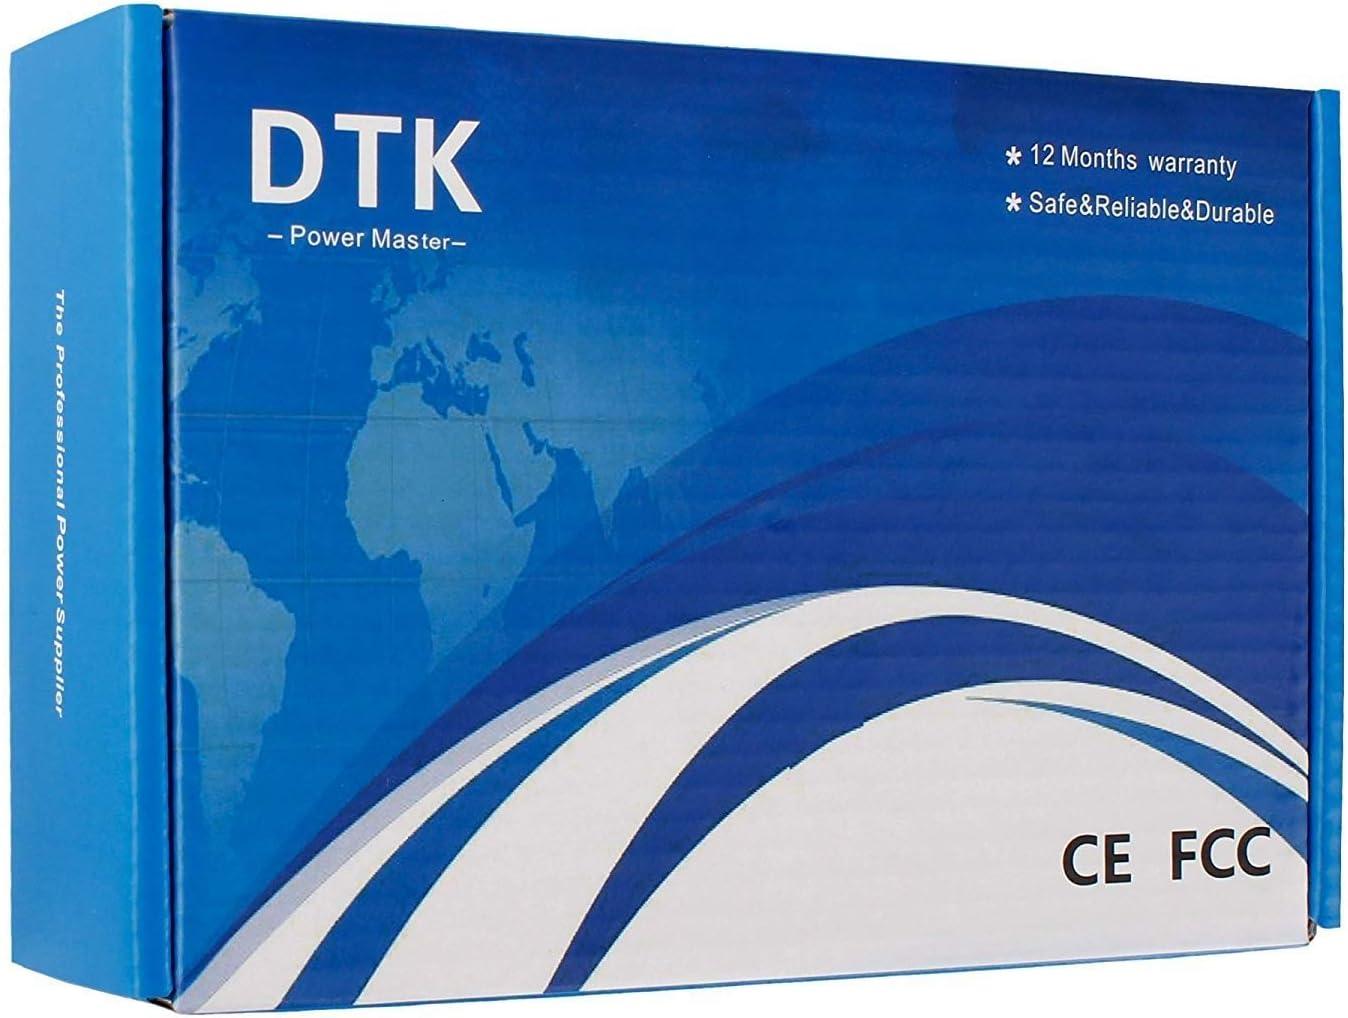 DTK 20V 6.75A 135W Cargadores y Adaptadores para Port/átiles para Lenovo Thinkpad IdeaPad Cargadore Port/átile Ordenador Computadora AC Laptop Adaptador Cargador Connector:11.0 x 5.0mm